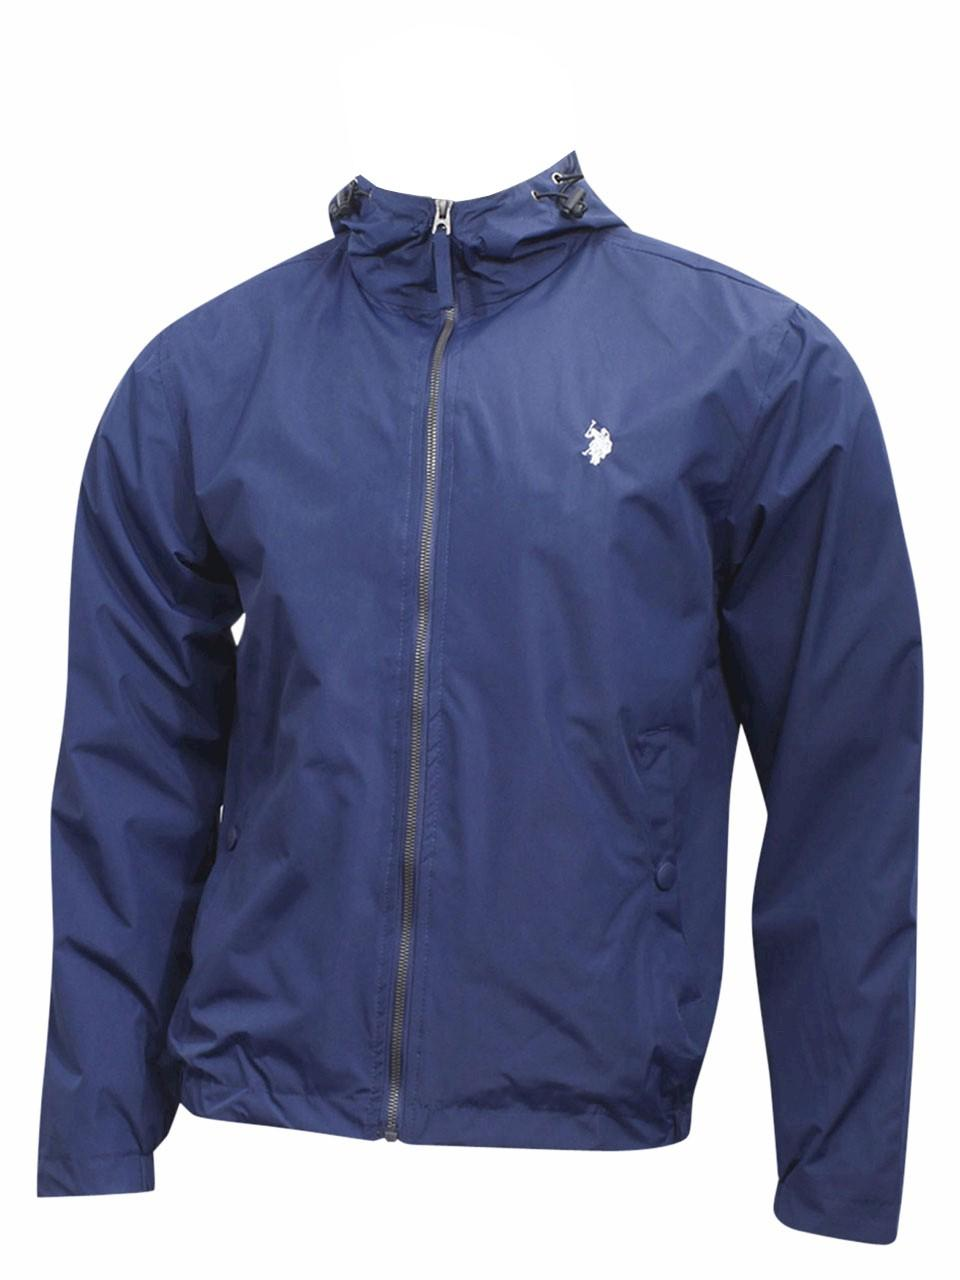 U.S. Polo Association Men's Hooded Windbreaker Jacket